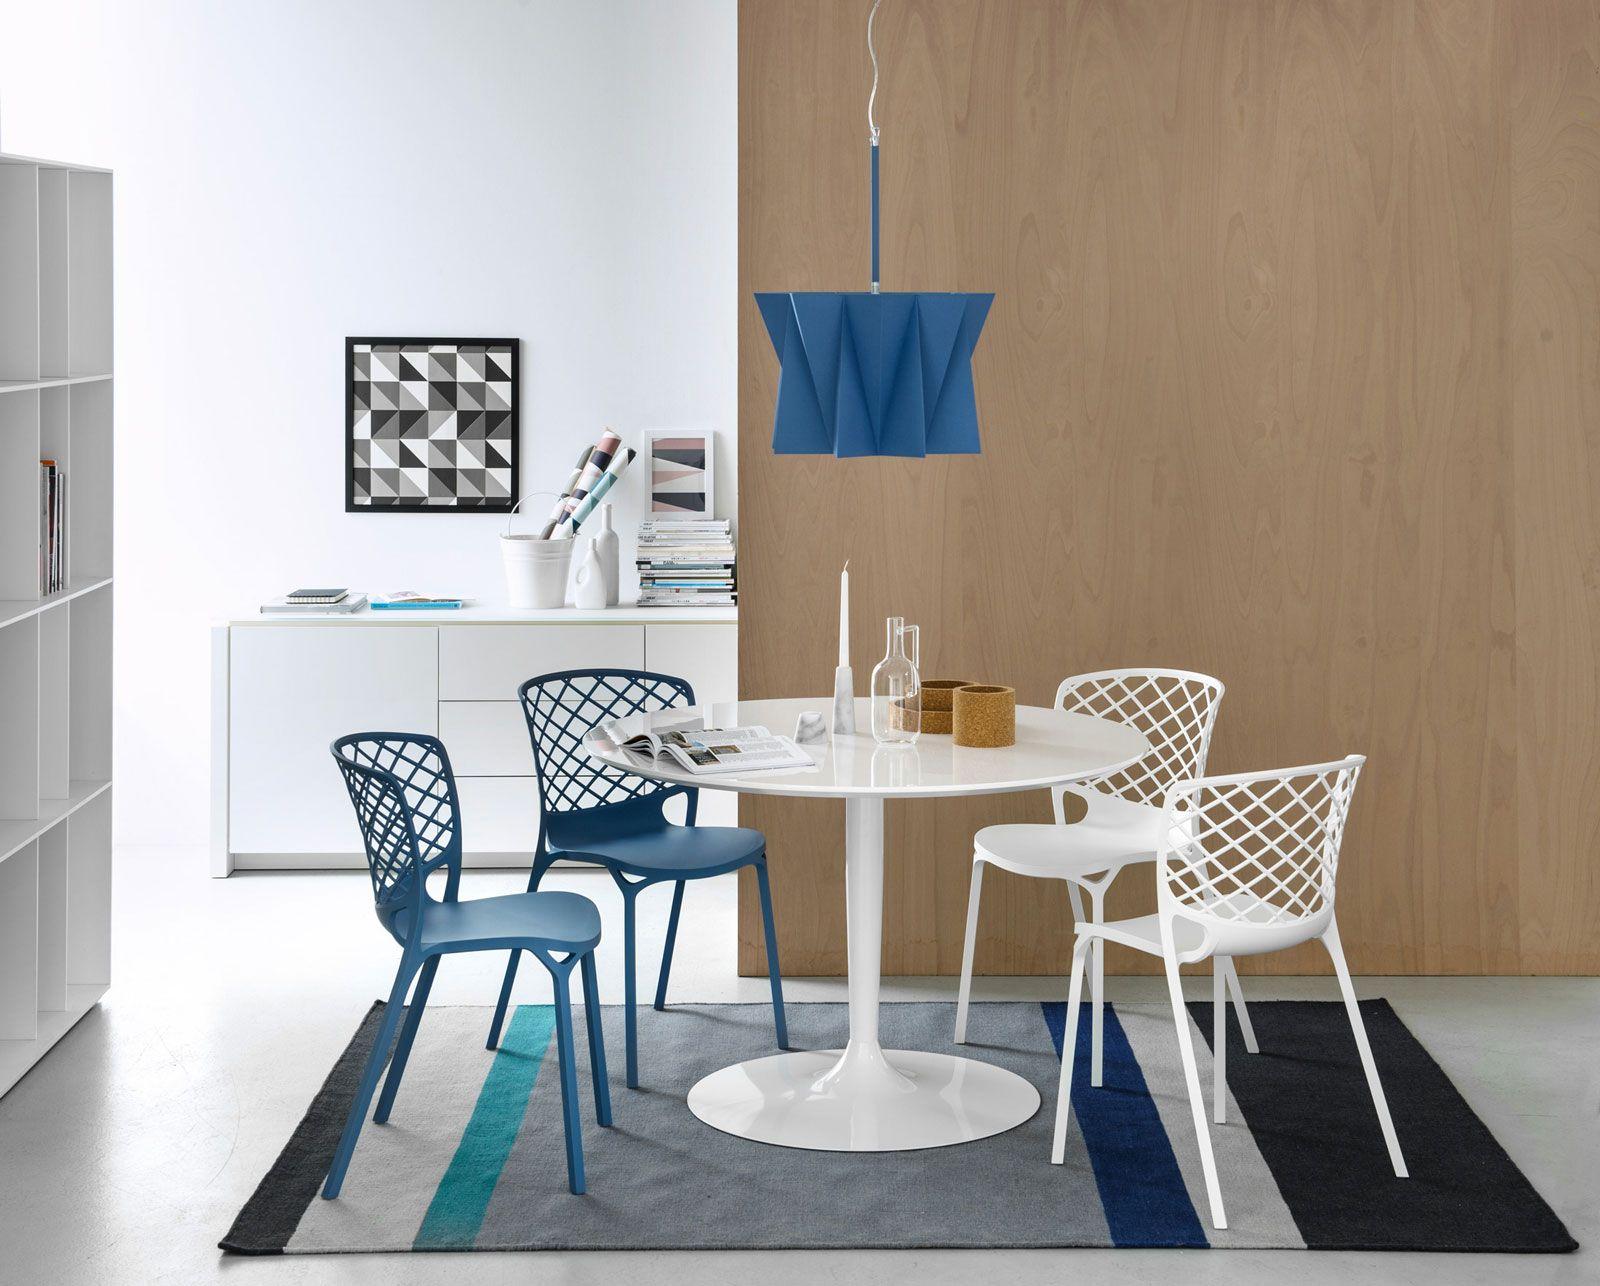 Sedie Azzurre ~ Sedie pieghevoli calligaris prezzi latest sedia da giardino in